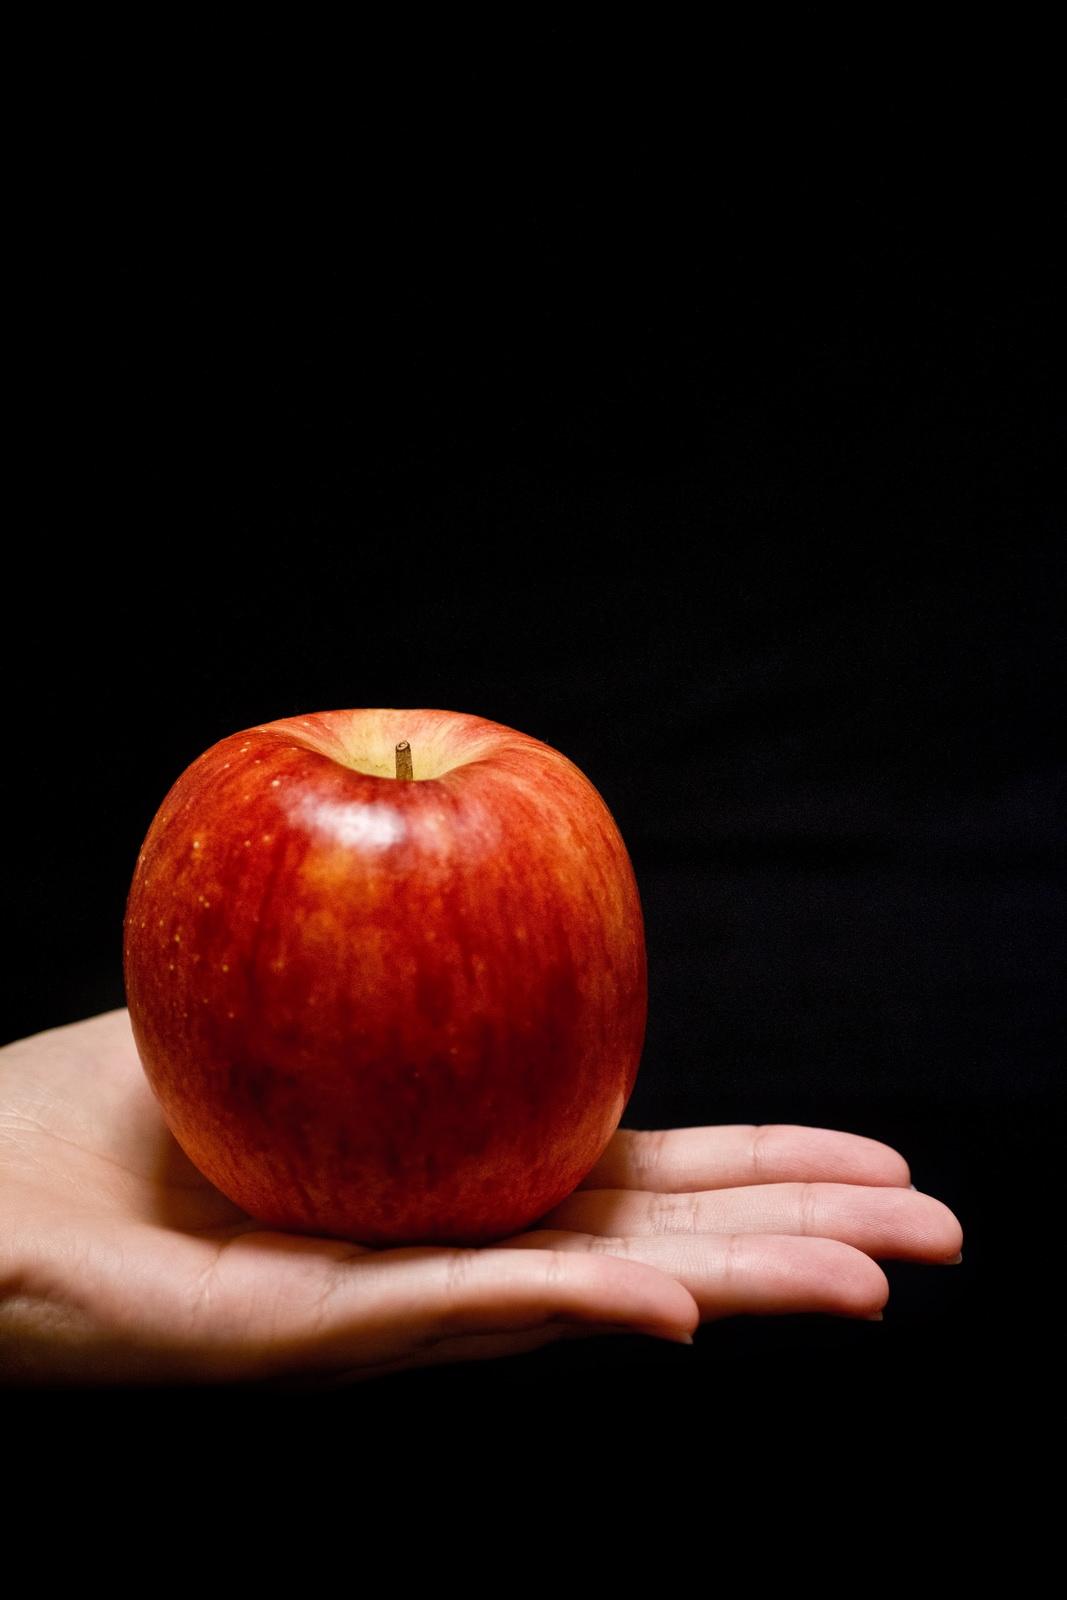 手に乗せたりんご手に乗せたりんご